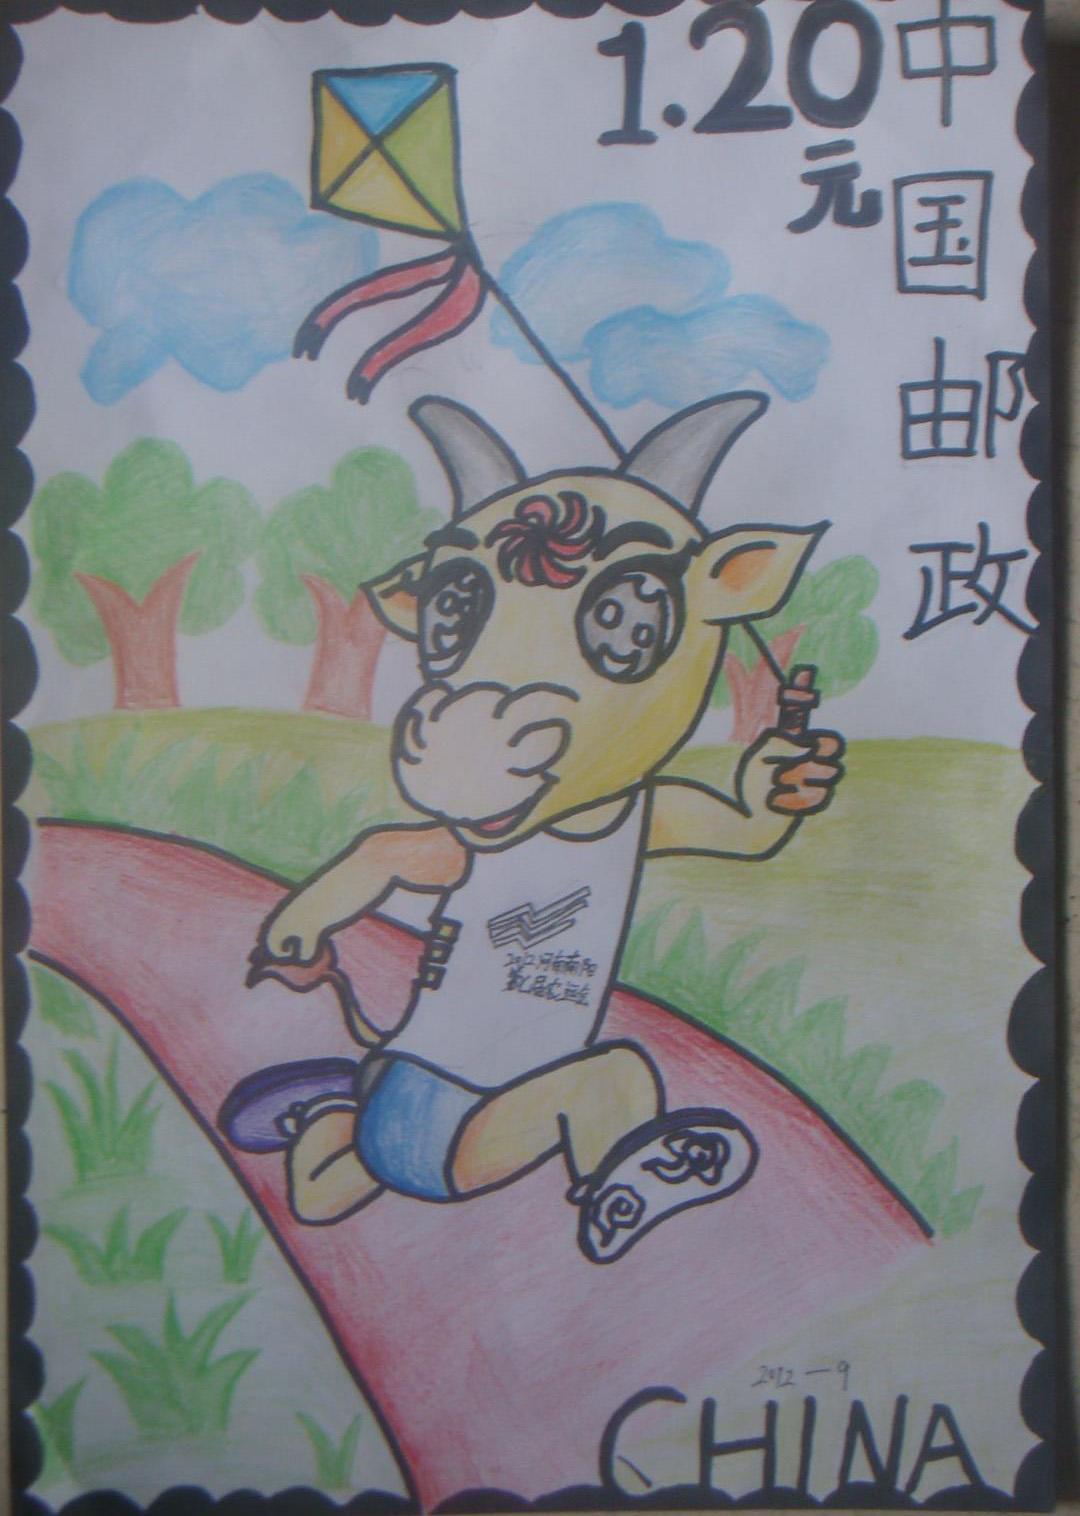 邮票画画儿童画牛